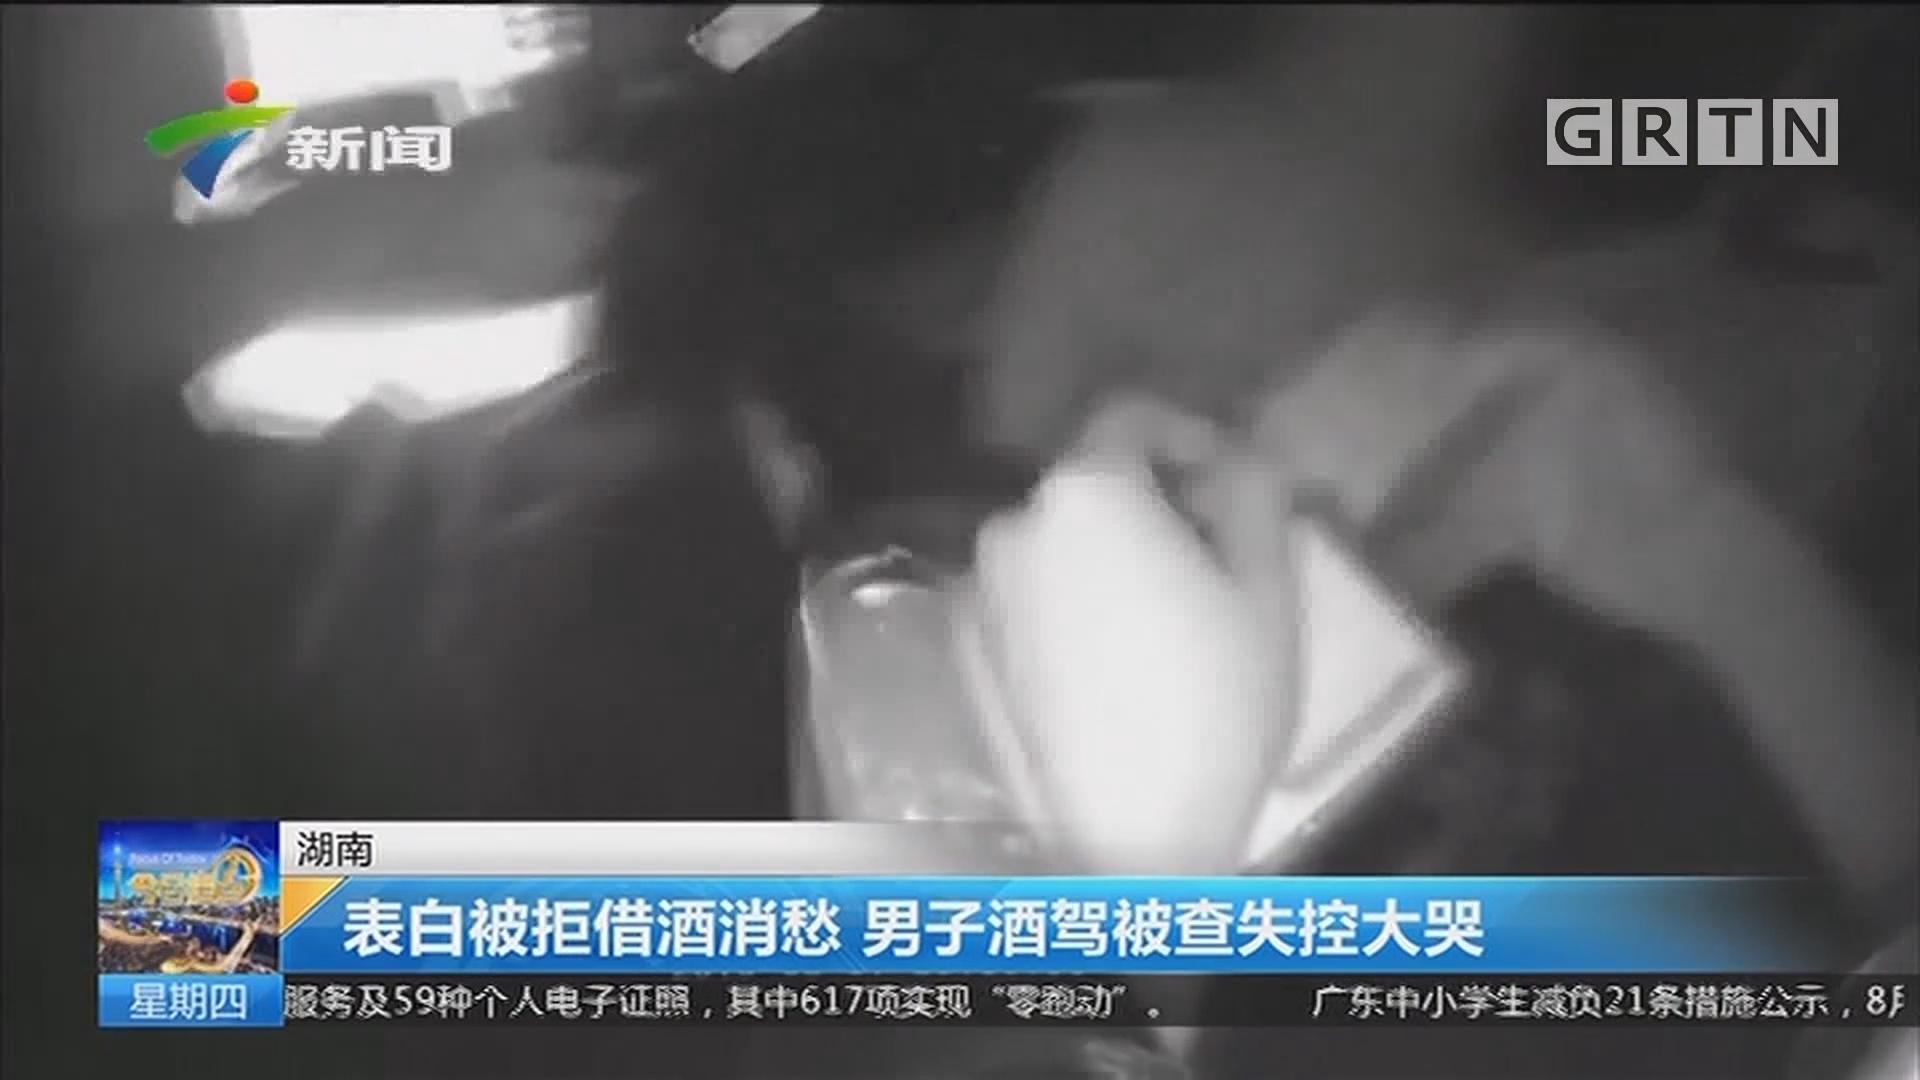 湖南:表白被拒借酒消愁 男子酒驾被查失控大哭